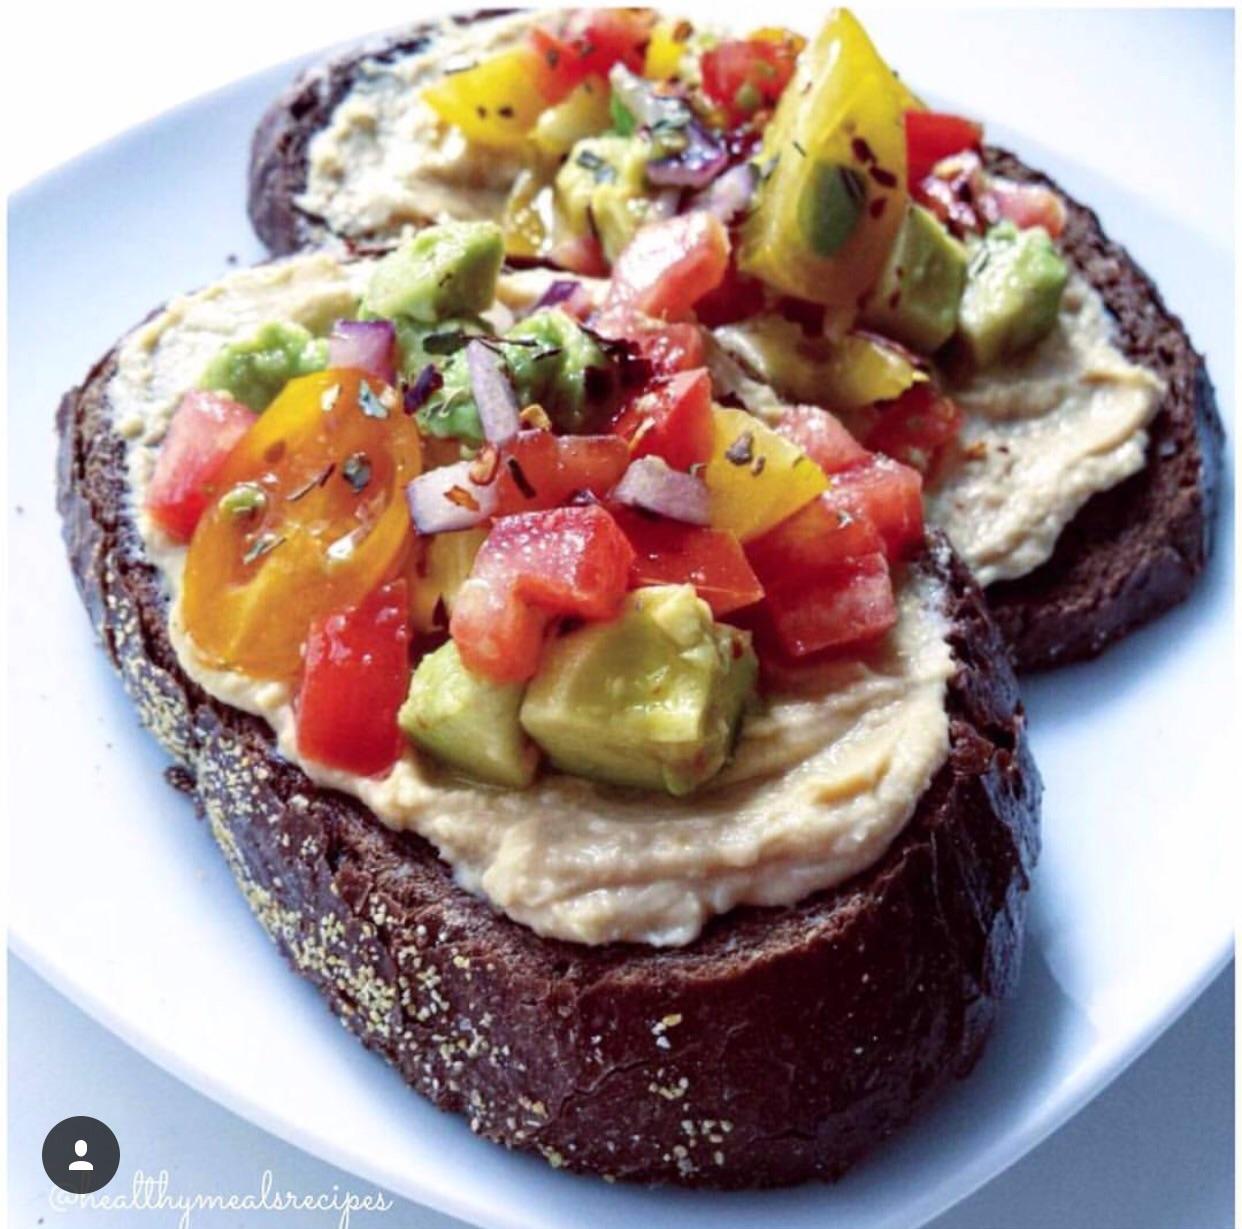 香蕉的热量高_吐司早餐怎么做_吐司早餐的做法_板刀面与馄饨汤_豆果美食